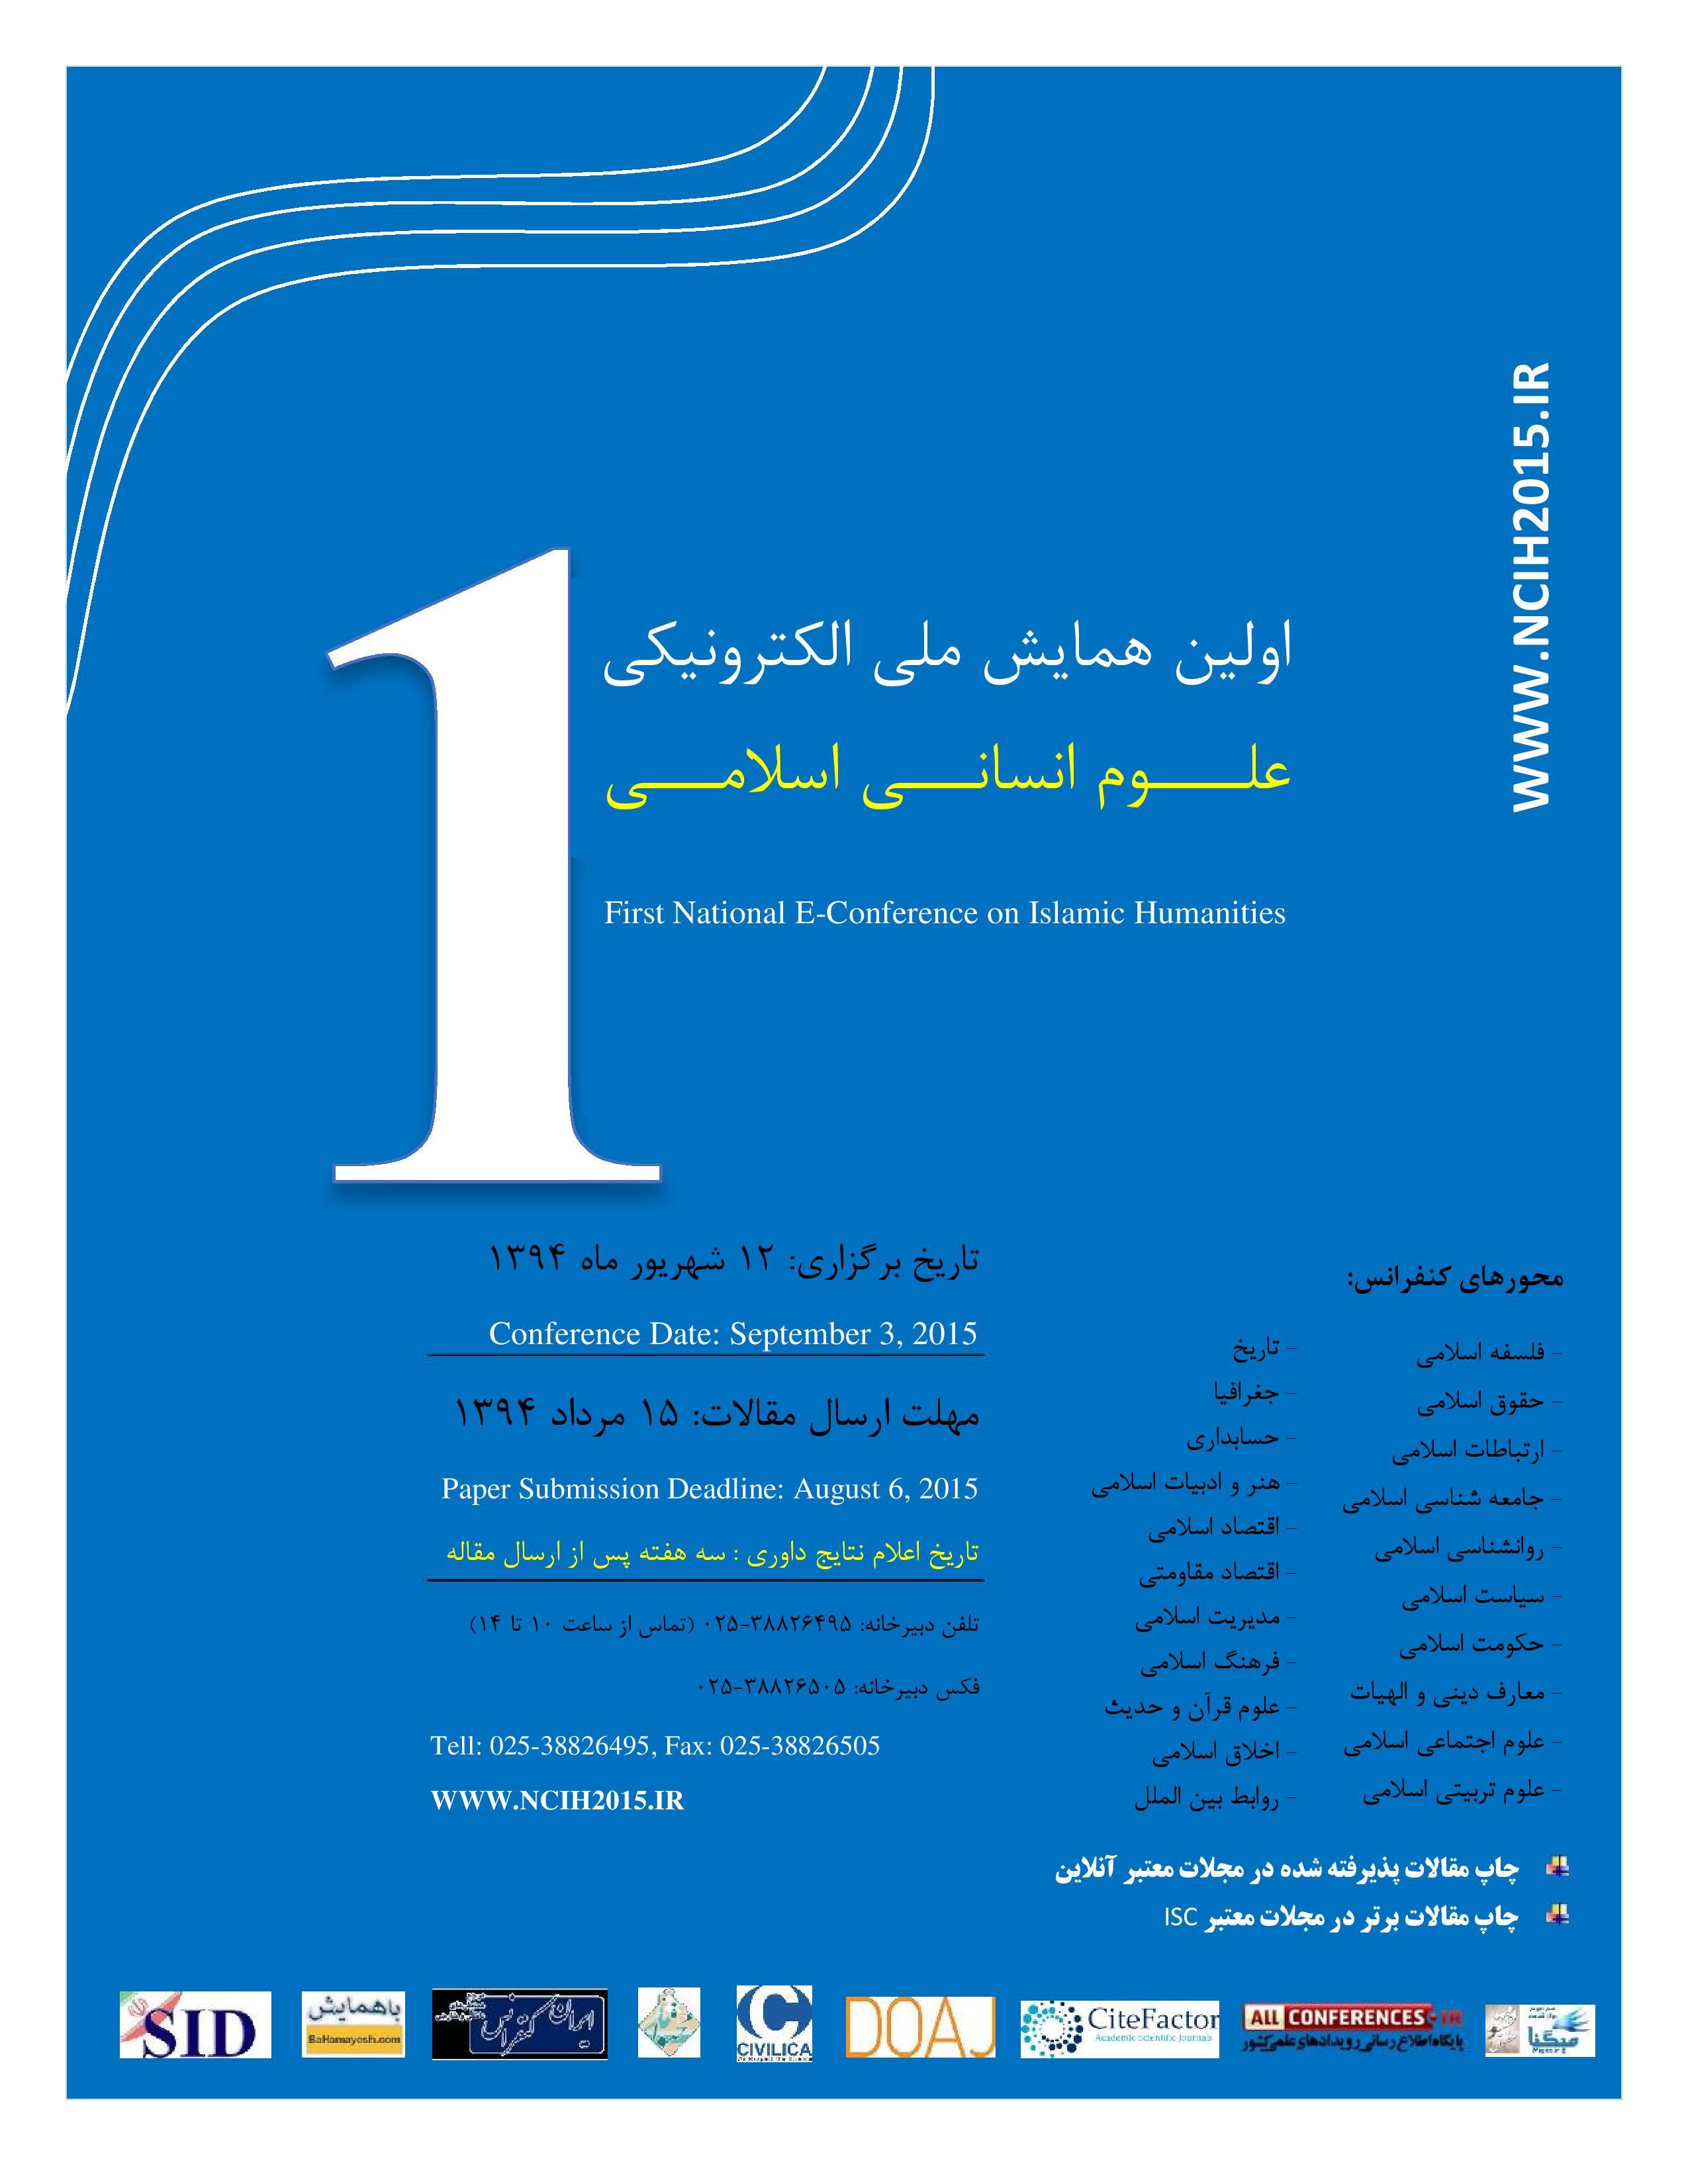 اولین همایش ملی علوم انسانی اسلامی